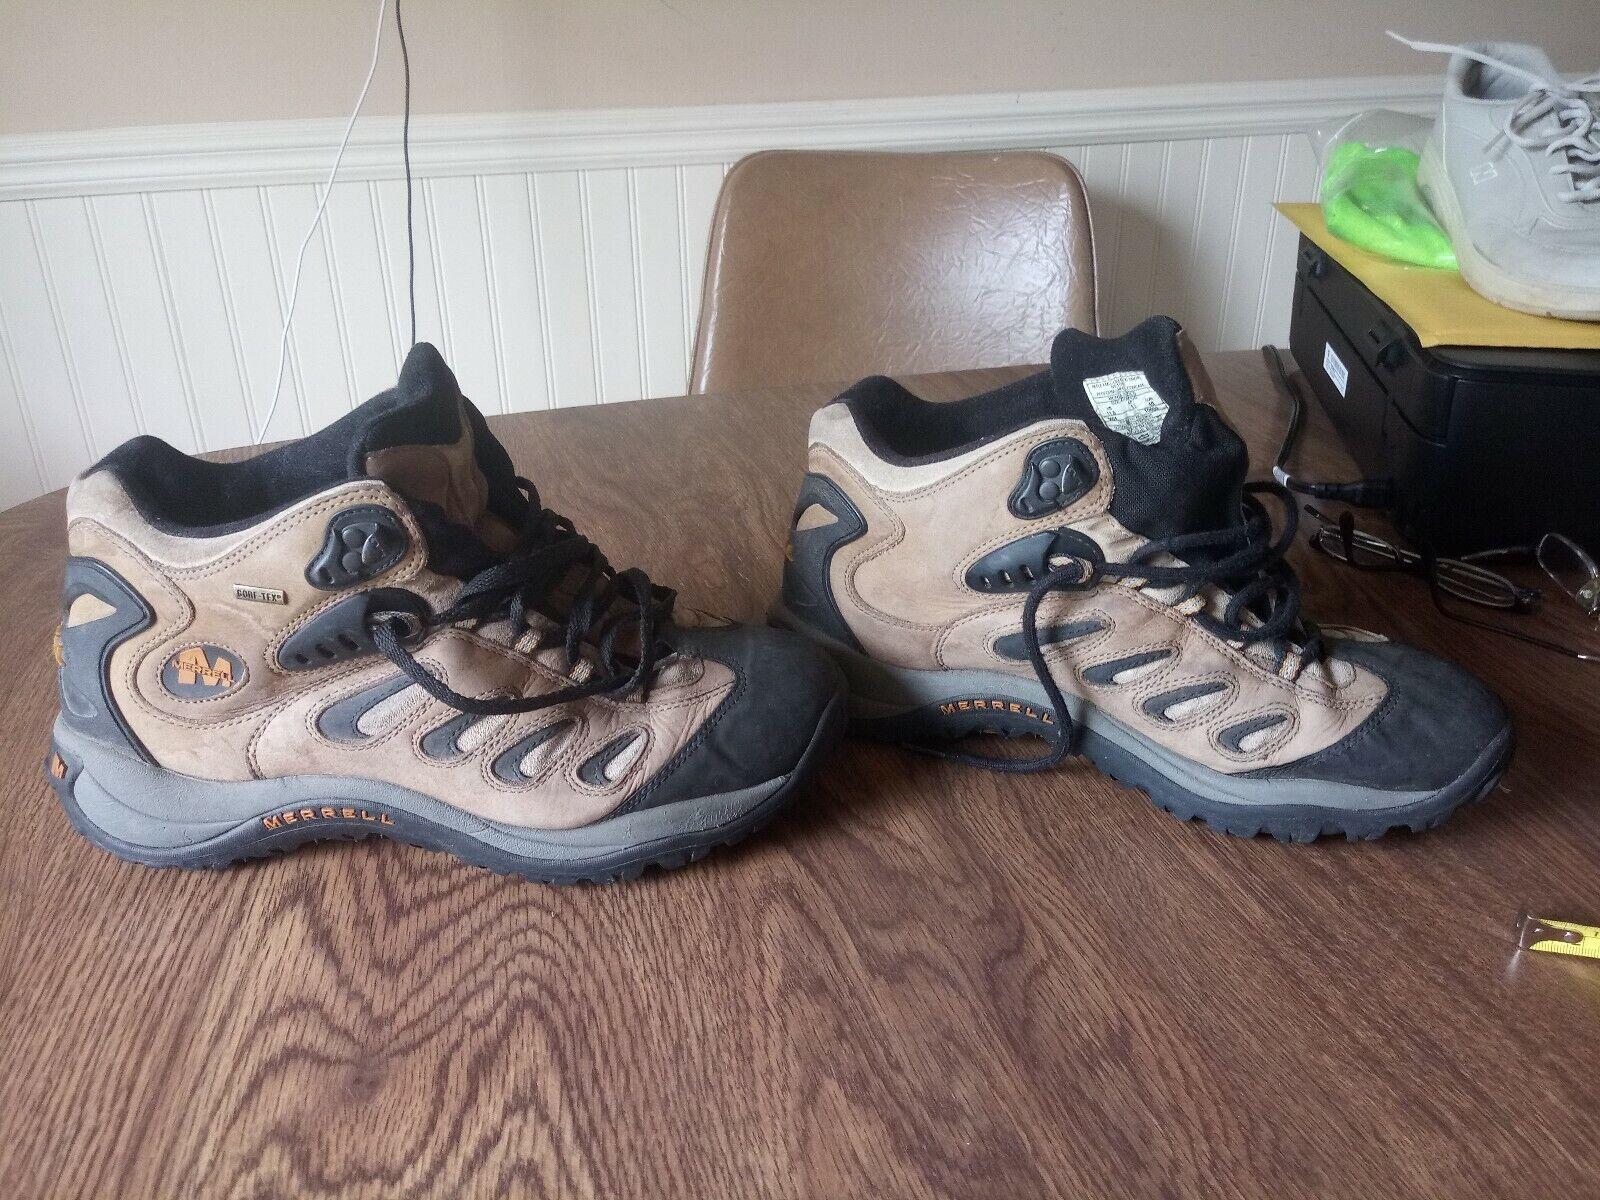 Merrell Hiking Stiefel. Herren Größe 11.5. Model 0404 10699 Gore-tex Smoke Reflex